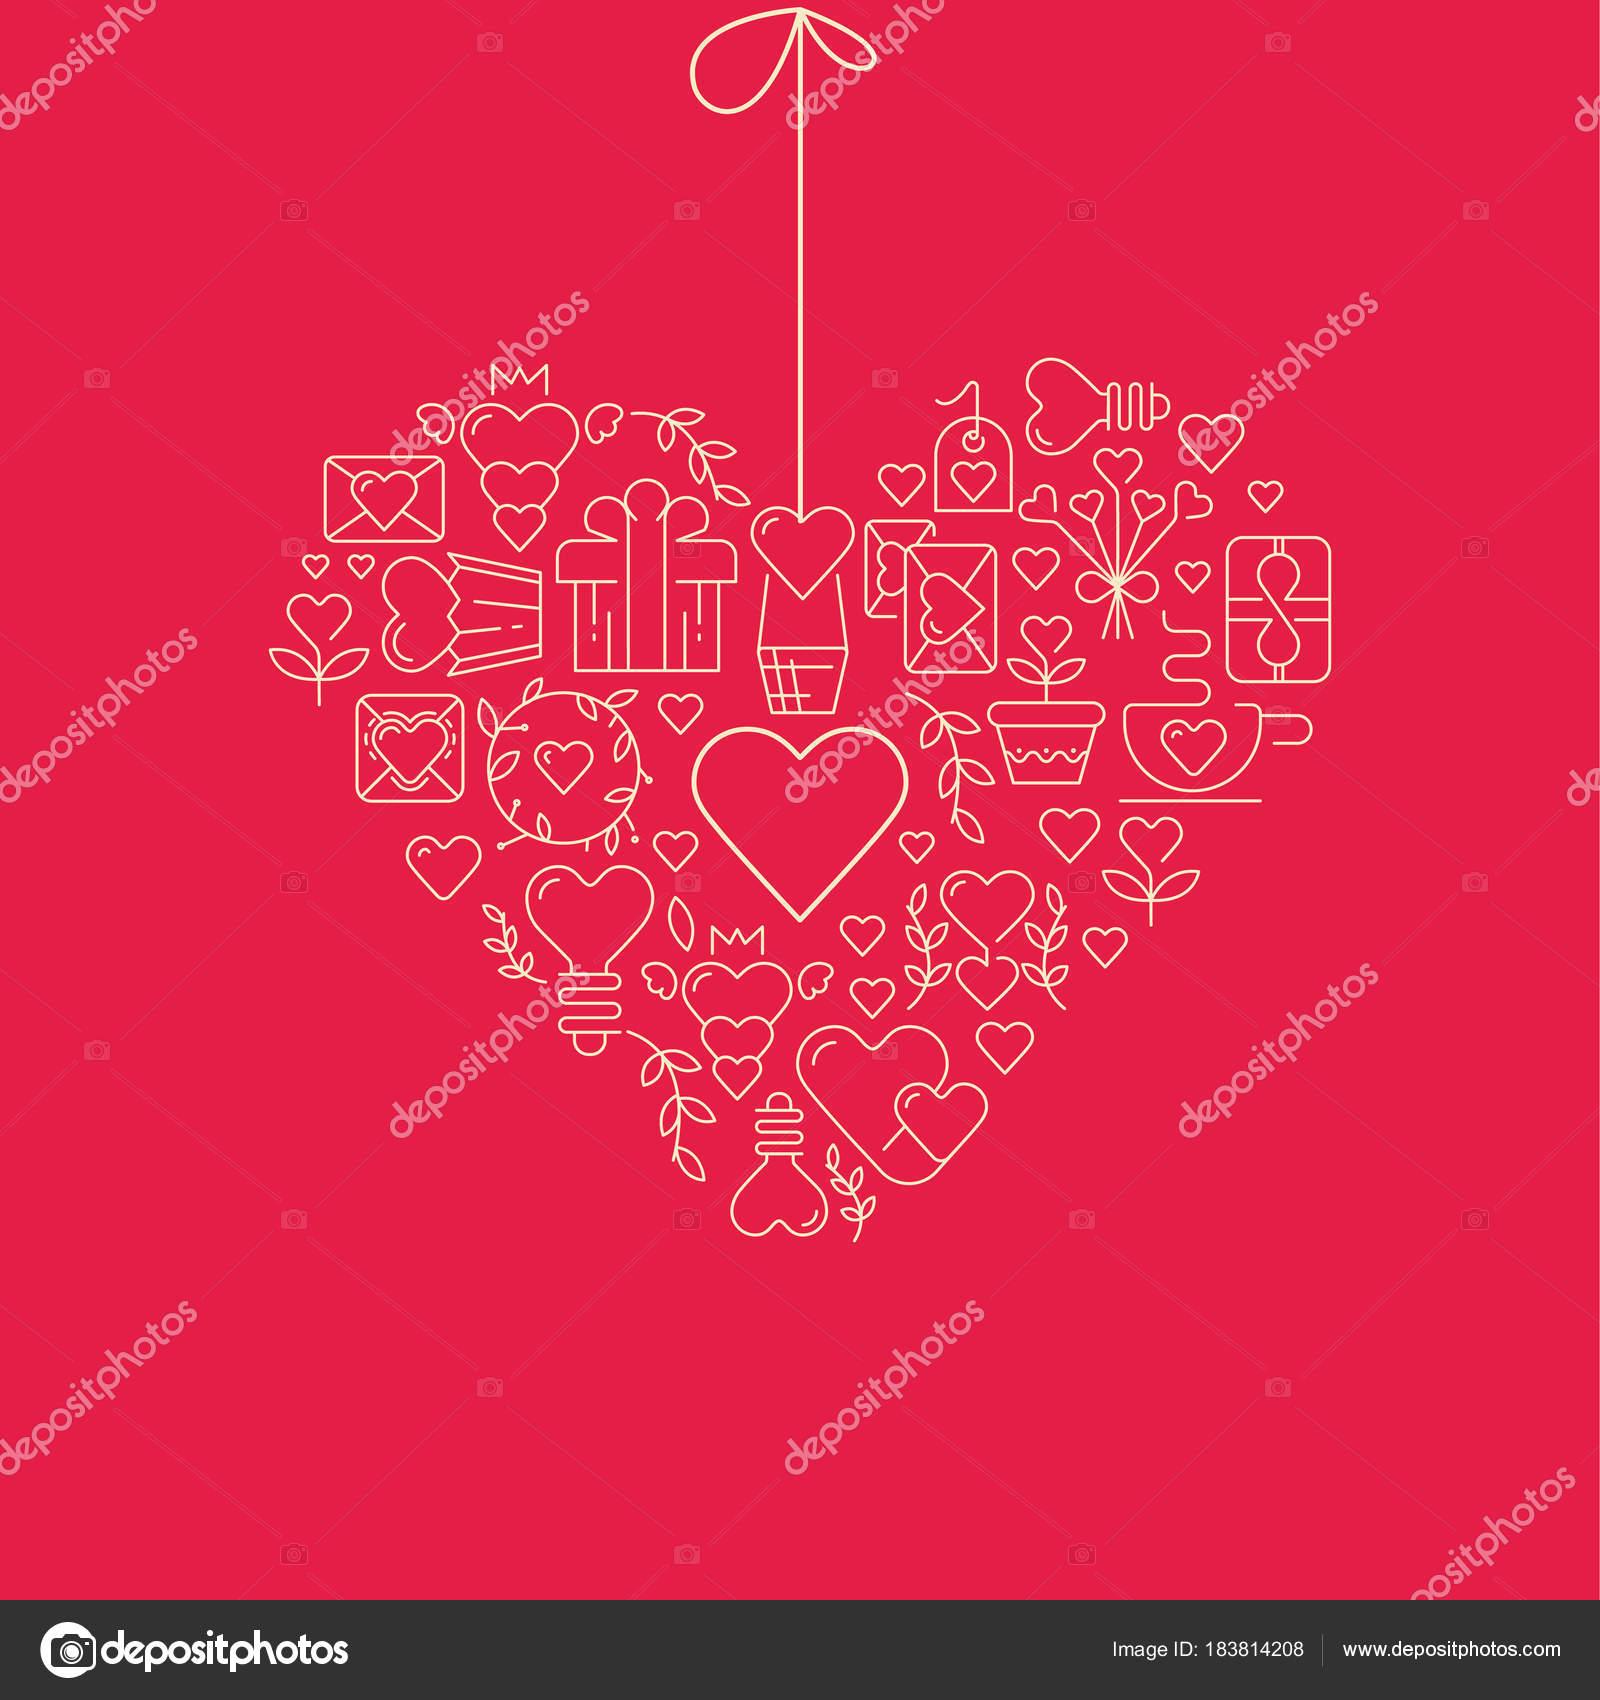 Girlande Herzen Vorlage Skizze Poster — Stockvektor © Mogil #183814208